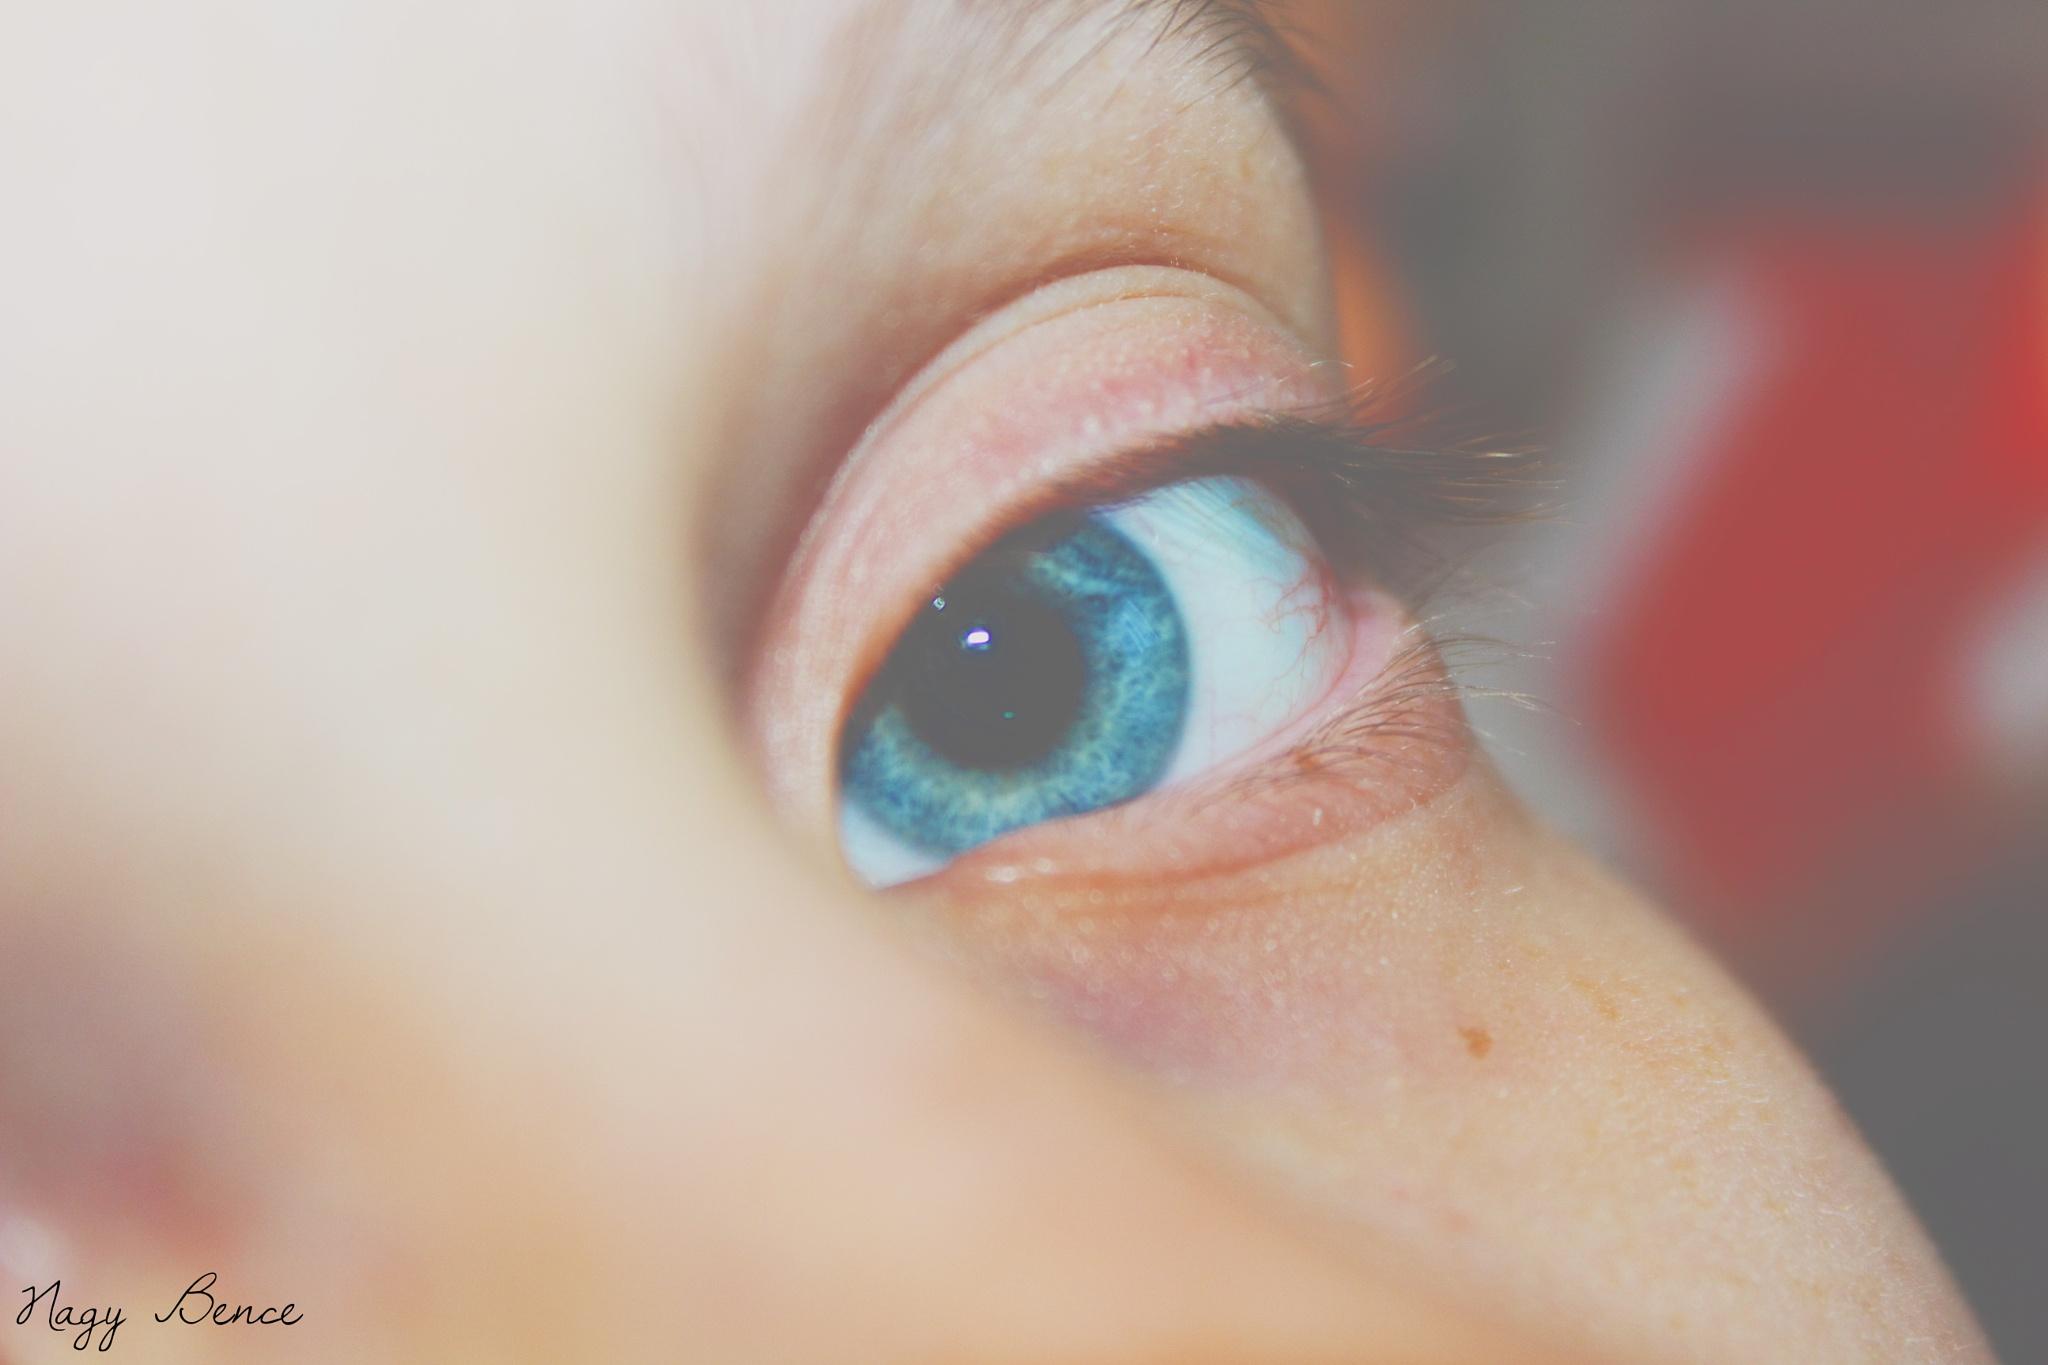 eye and soul  by Bence Nagy